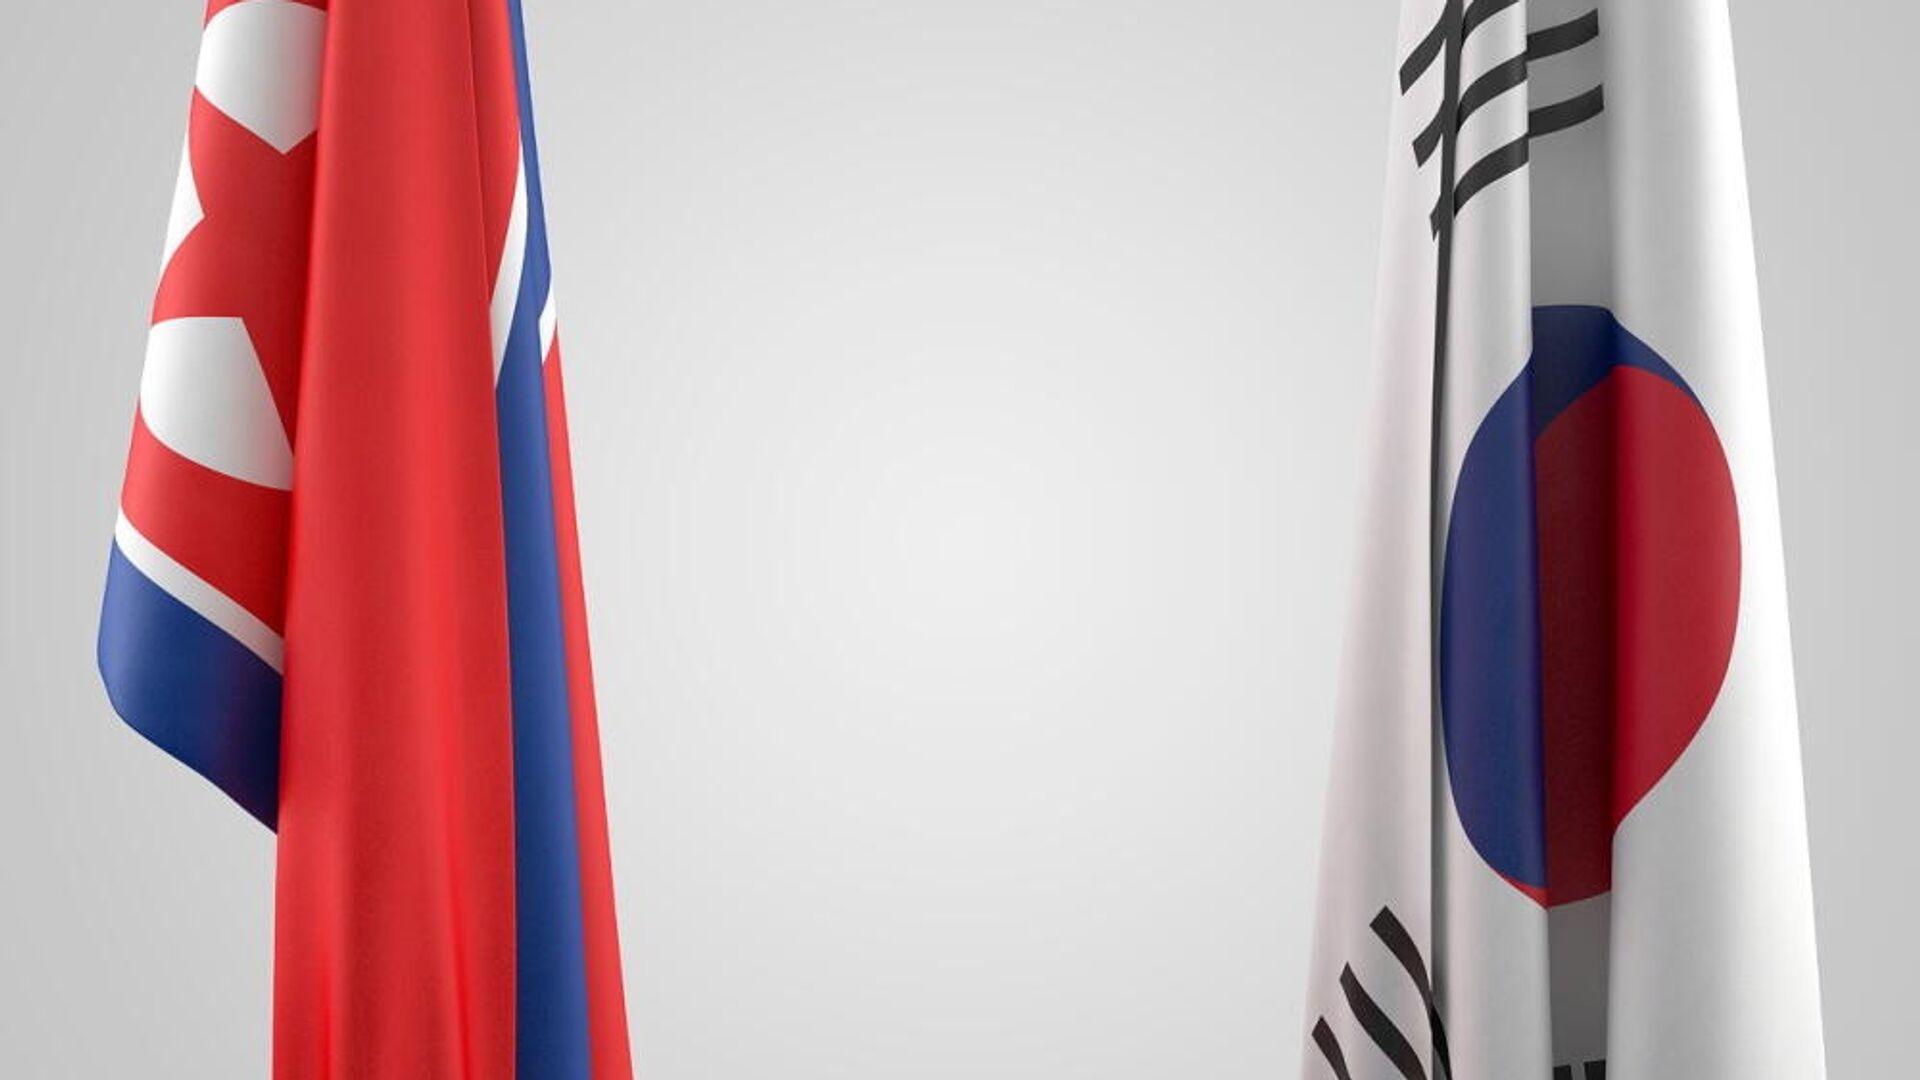 Οι σημαίες της Βόρειας και της Νότιας Κορέας - Sputnik Ελλάδα, 1920, 04.10.2021